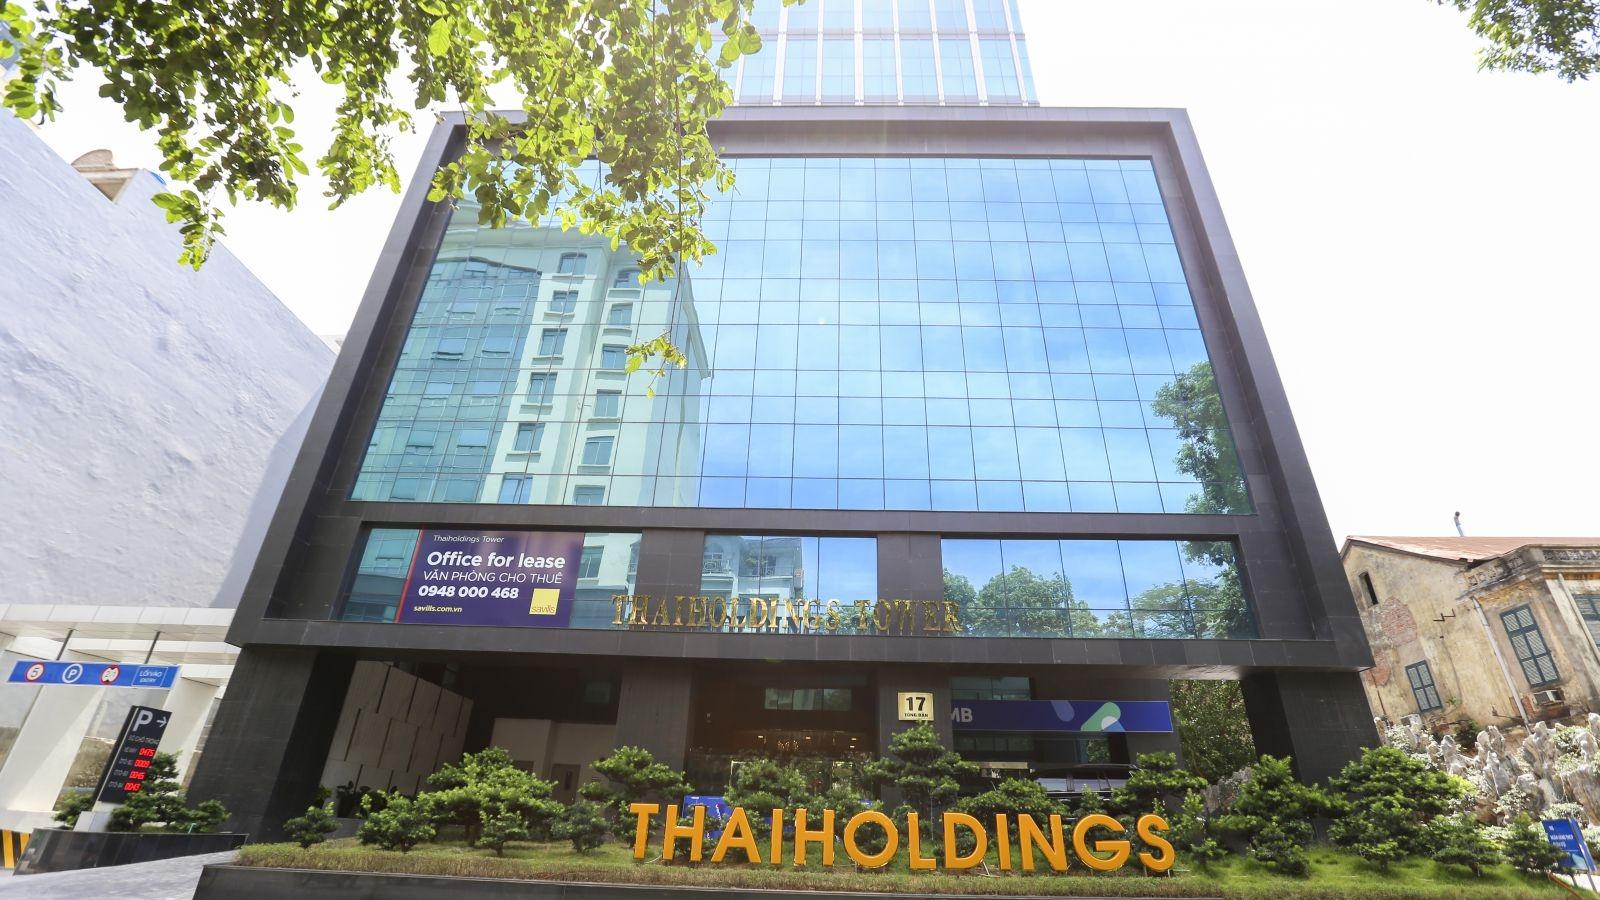 Không công bố thông tin về việc dự kiến giao dịch, công ty Thaiholdings bị phạt nặng